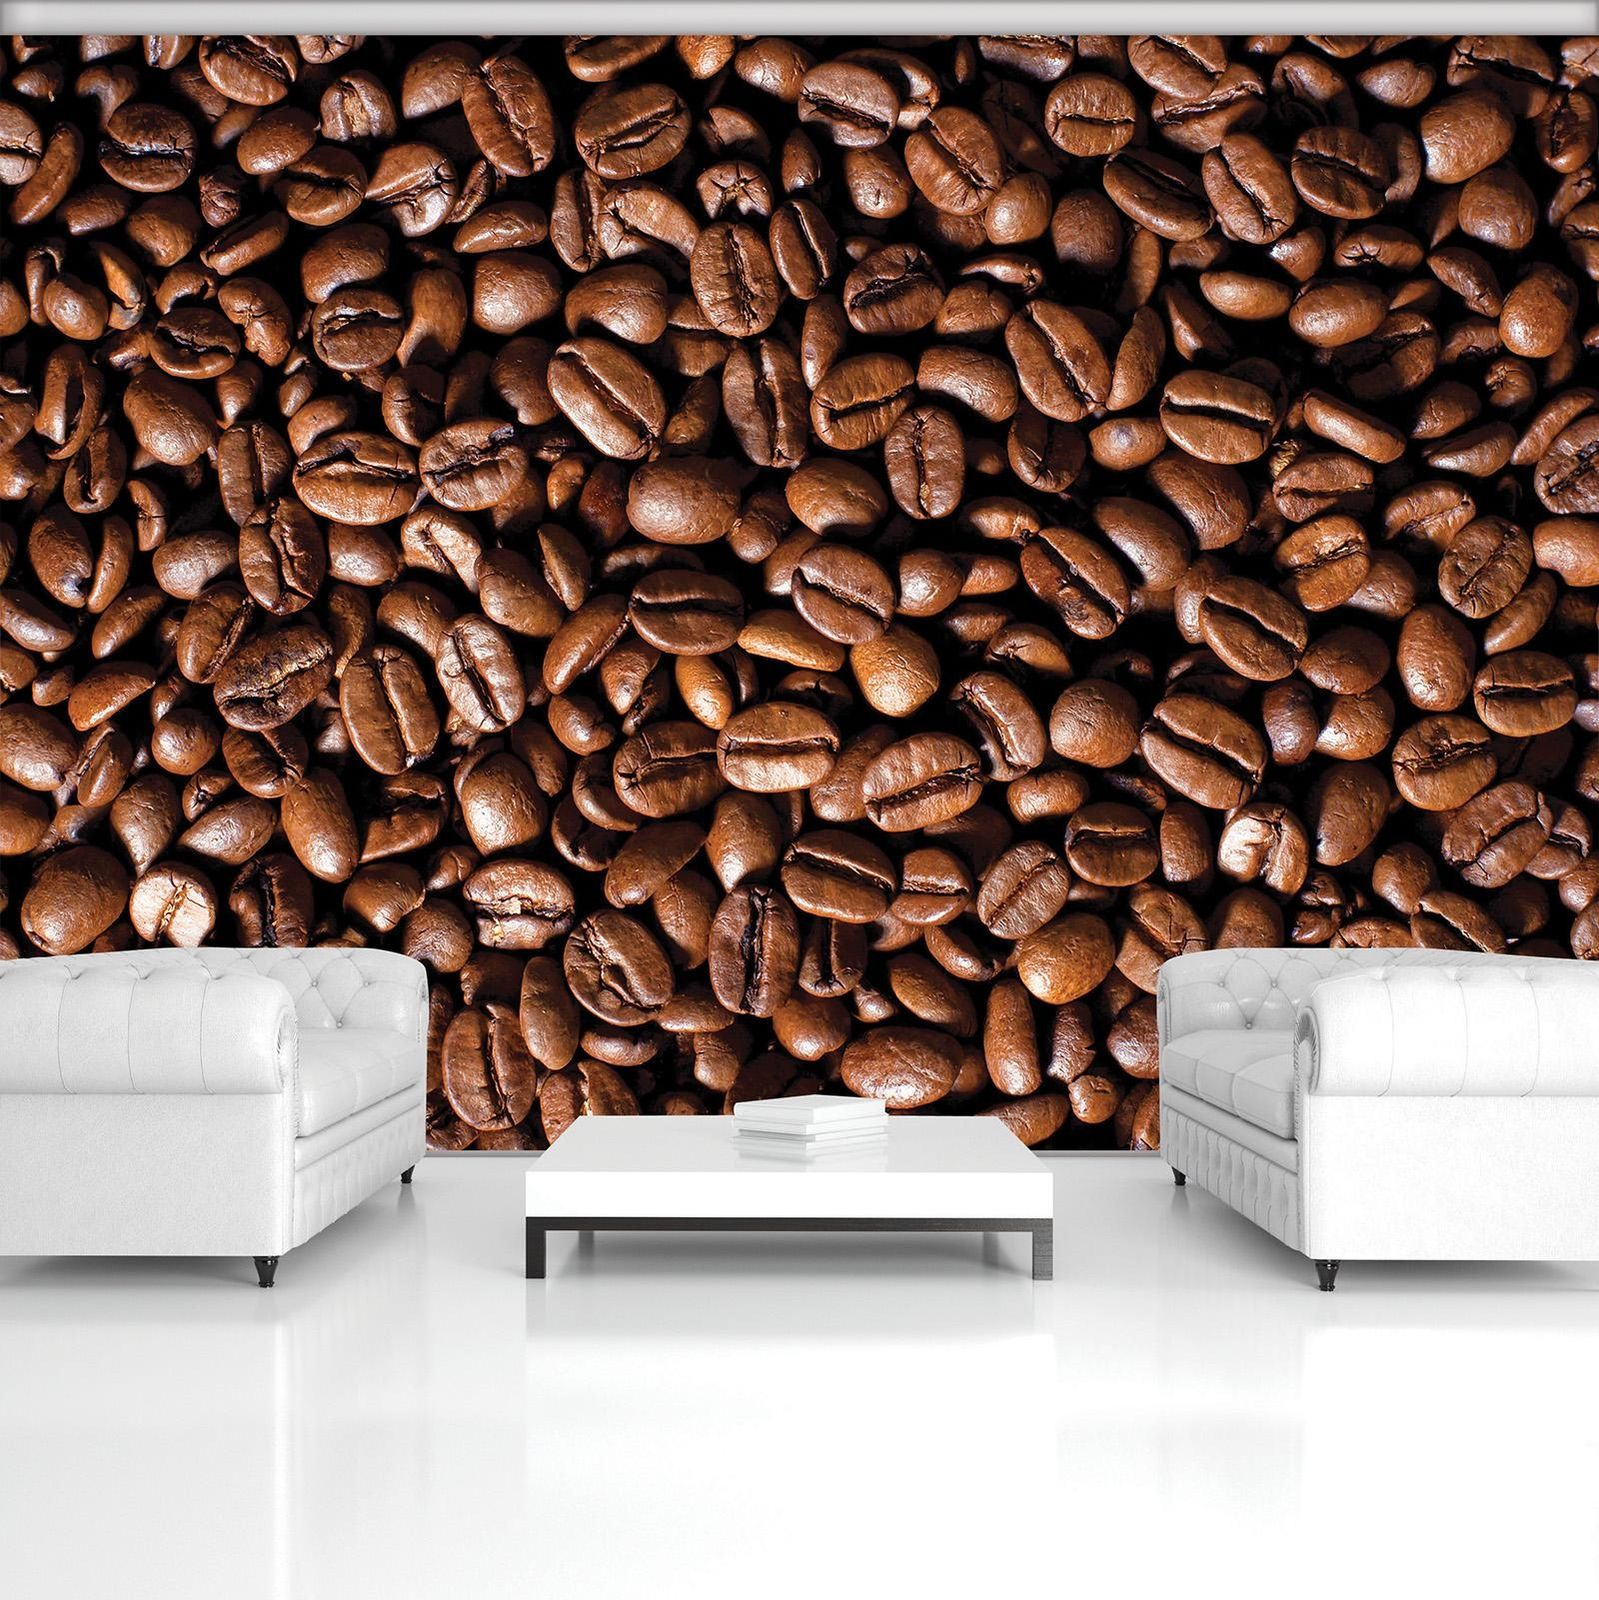 Full Size of Tapete Küche Kaffee Farben Einbauküche Gebraucht Mini Wohnzimmer Mobile Modern Weiss Günstig Kaufen Umziehen Servierwagen Was Kostet Eine Neue U Form Wohnzimmer Tapete Küche Kaffee